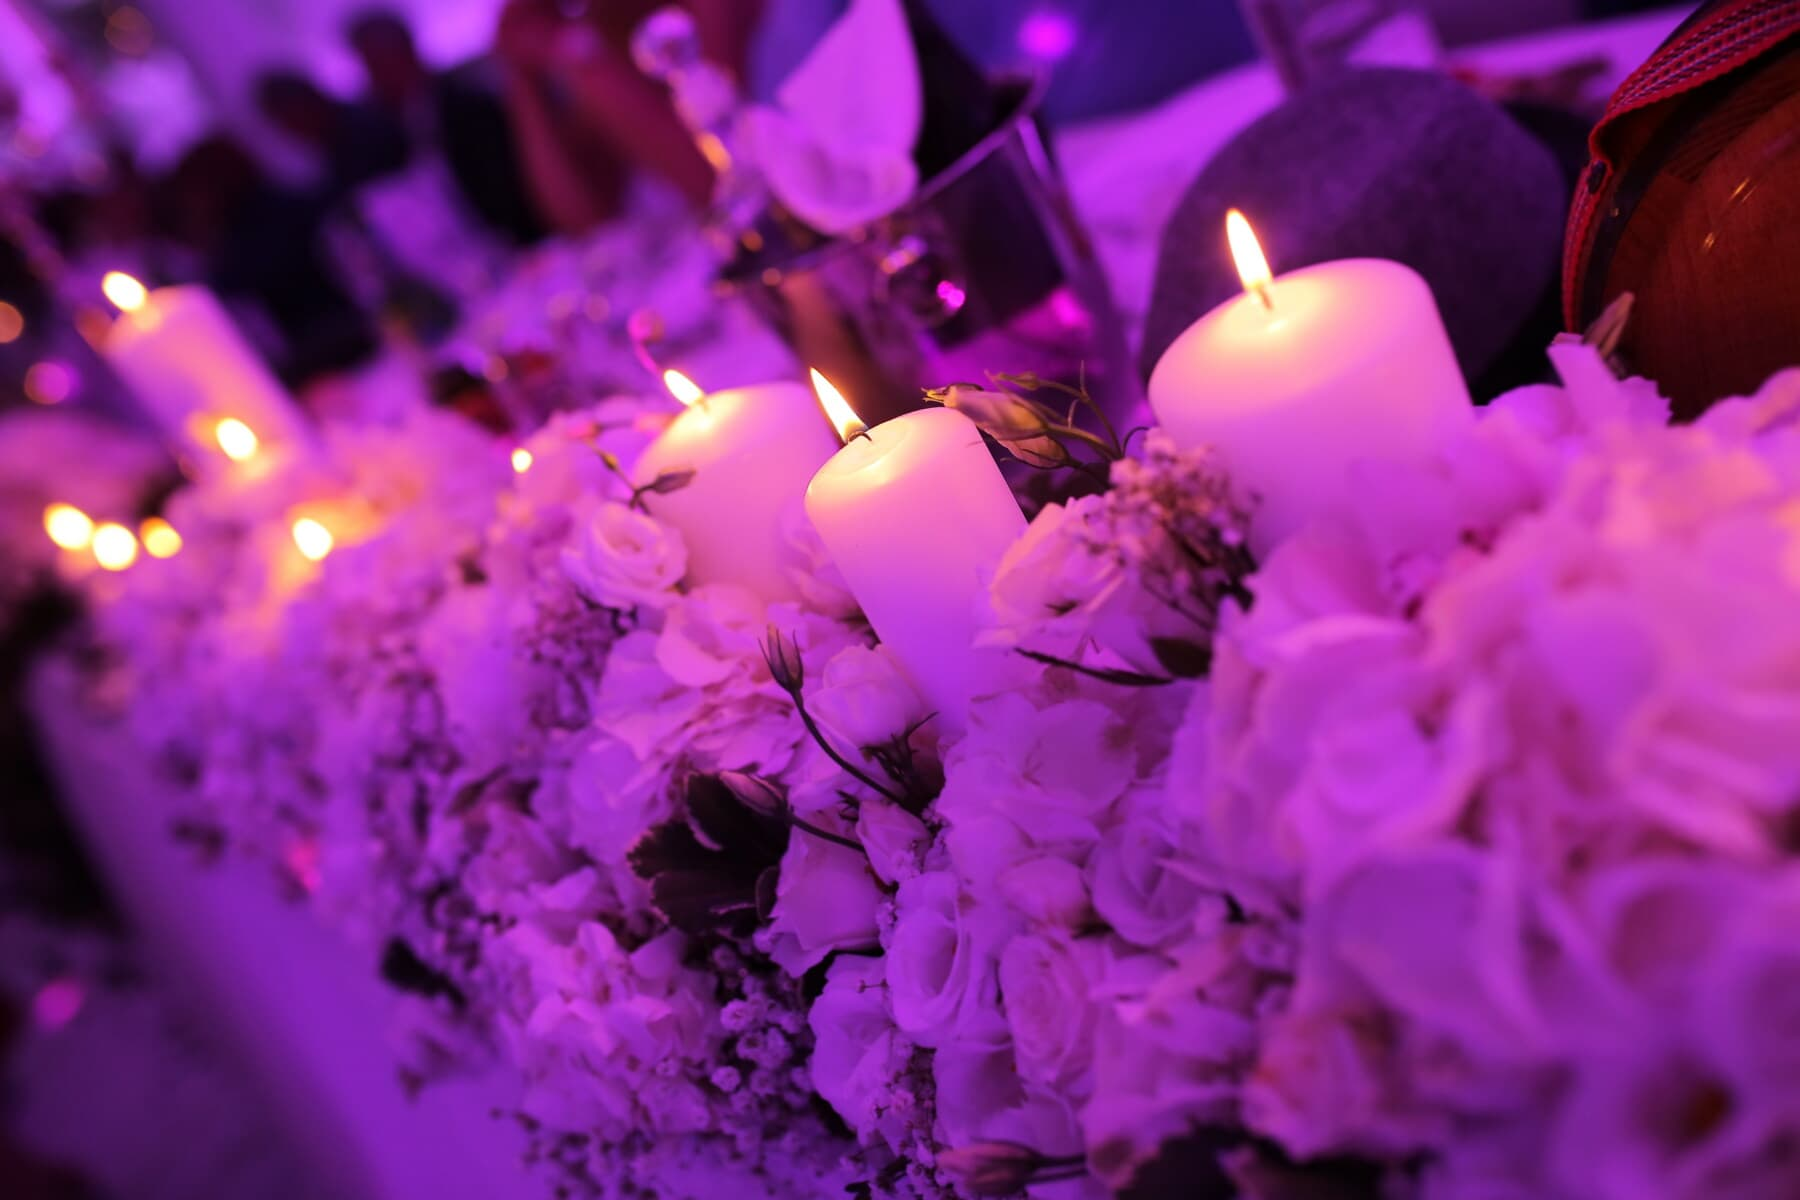 weiß, Eleganz, Kerzen, Rosa, Blume, Kerze, Flamme, Licht, Feier, Candle-Light